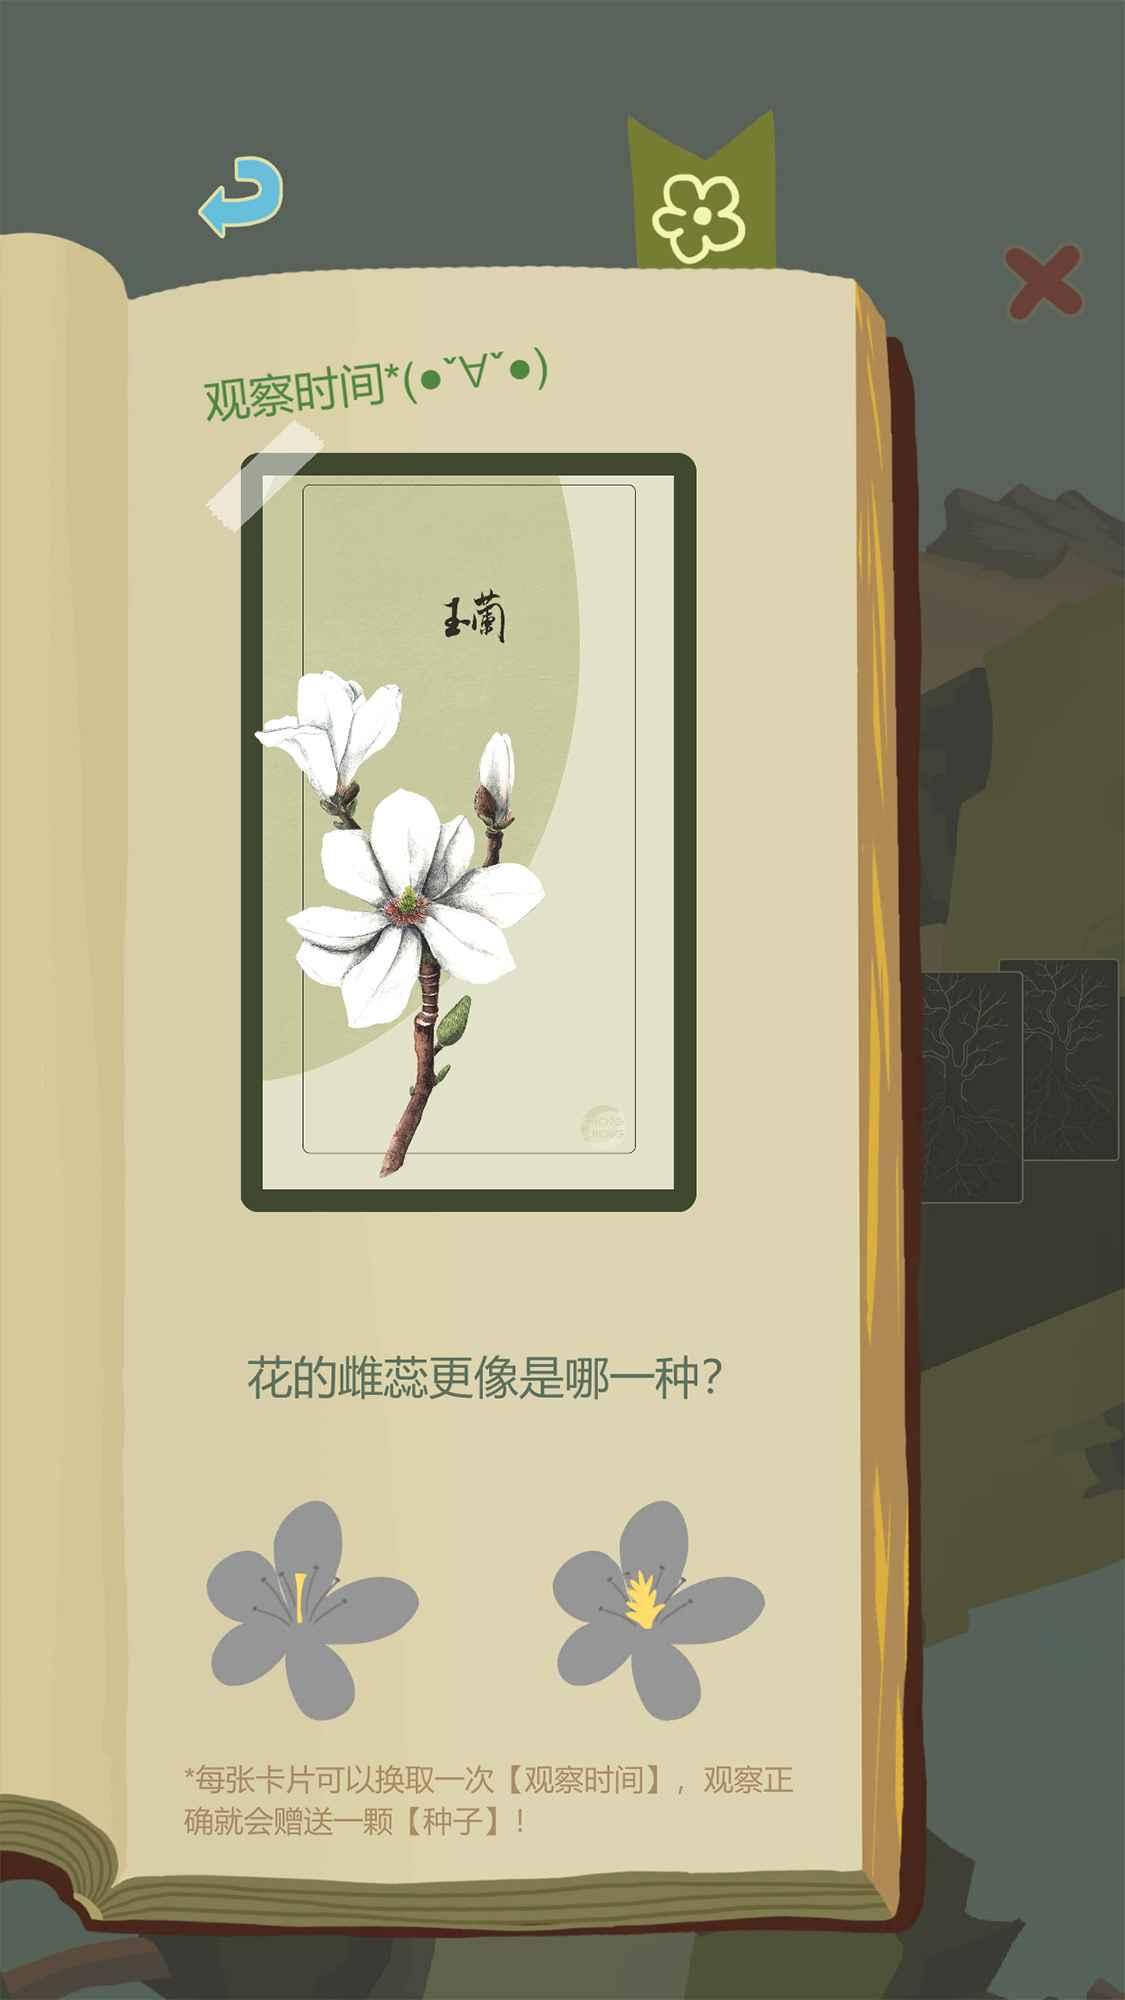 老农种树截图6